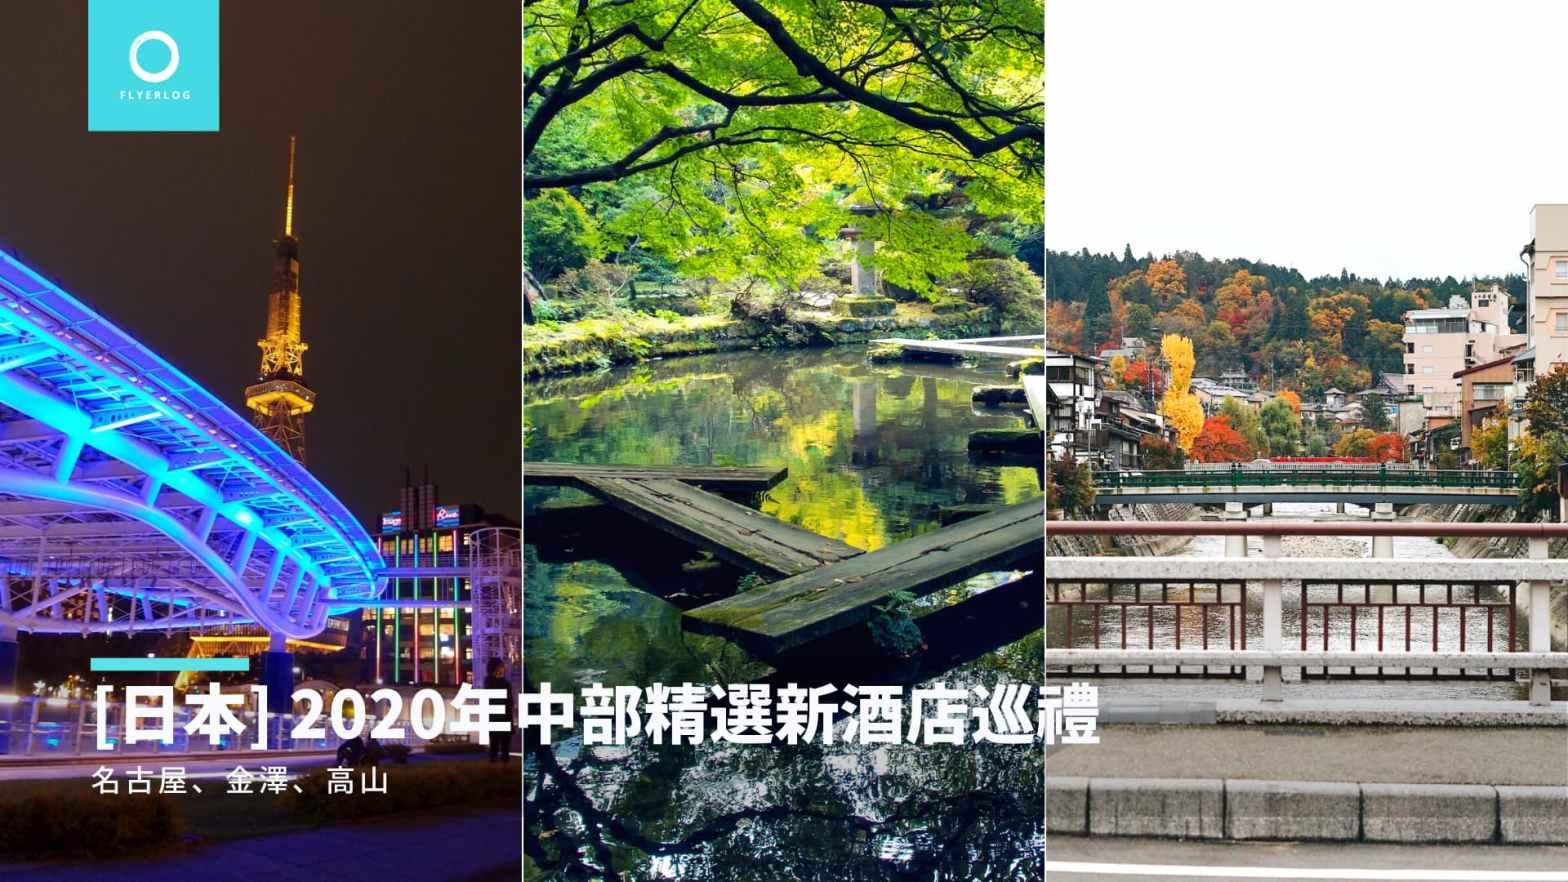 [日本] 2020年中部精選新酒店巡禮-名古屋 金澤 高山